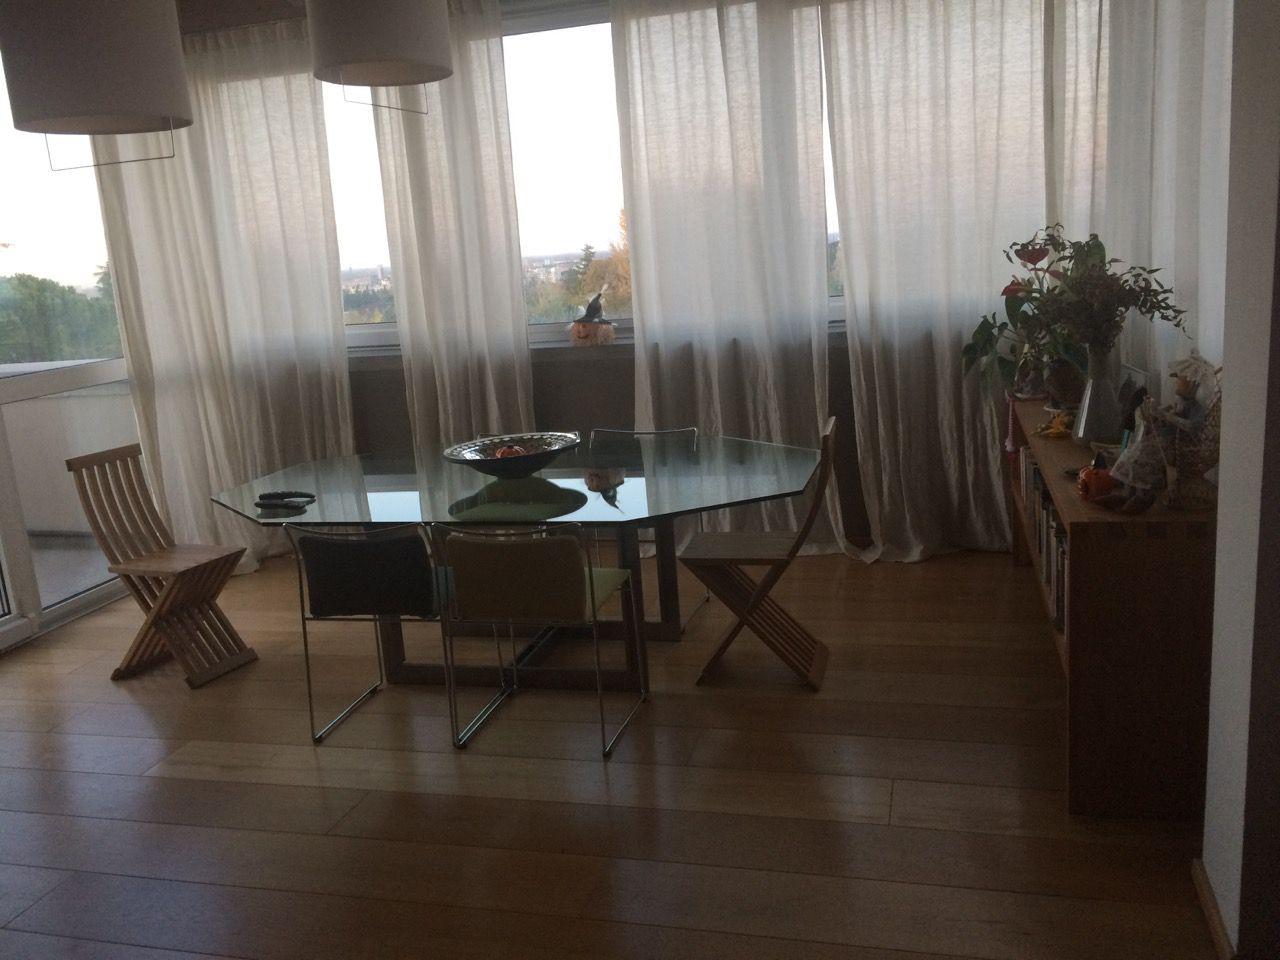 Attico / Mansarda in vendita a San Lazzaro di Savena, 5 locali, prezzo € 1.450.000 | CambioCasa.it